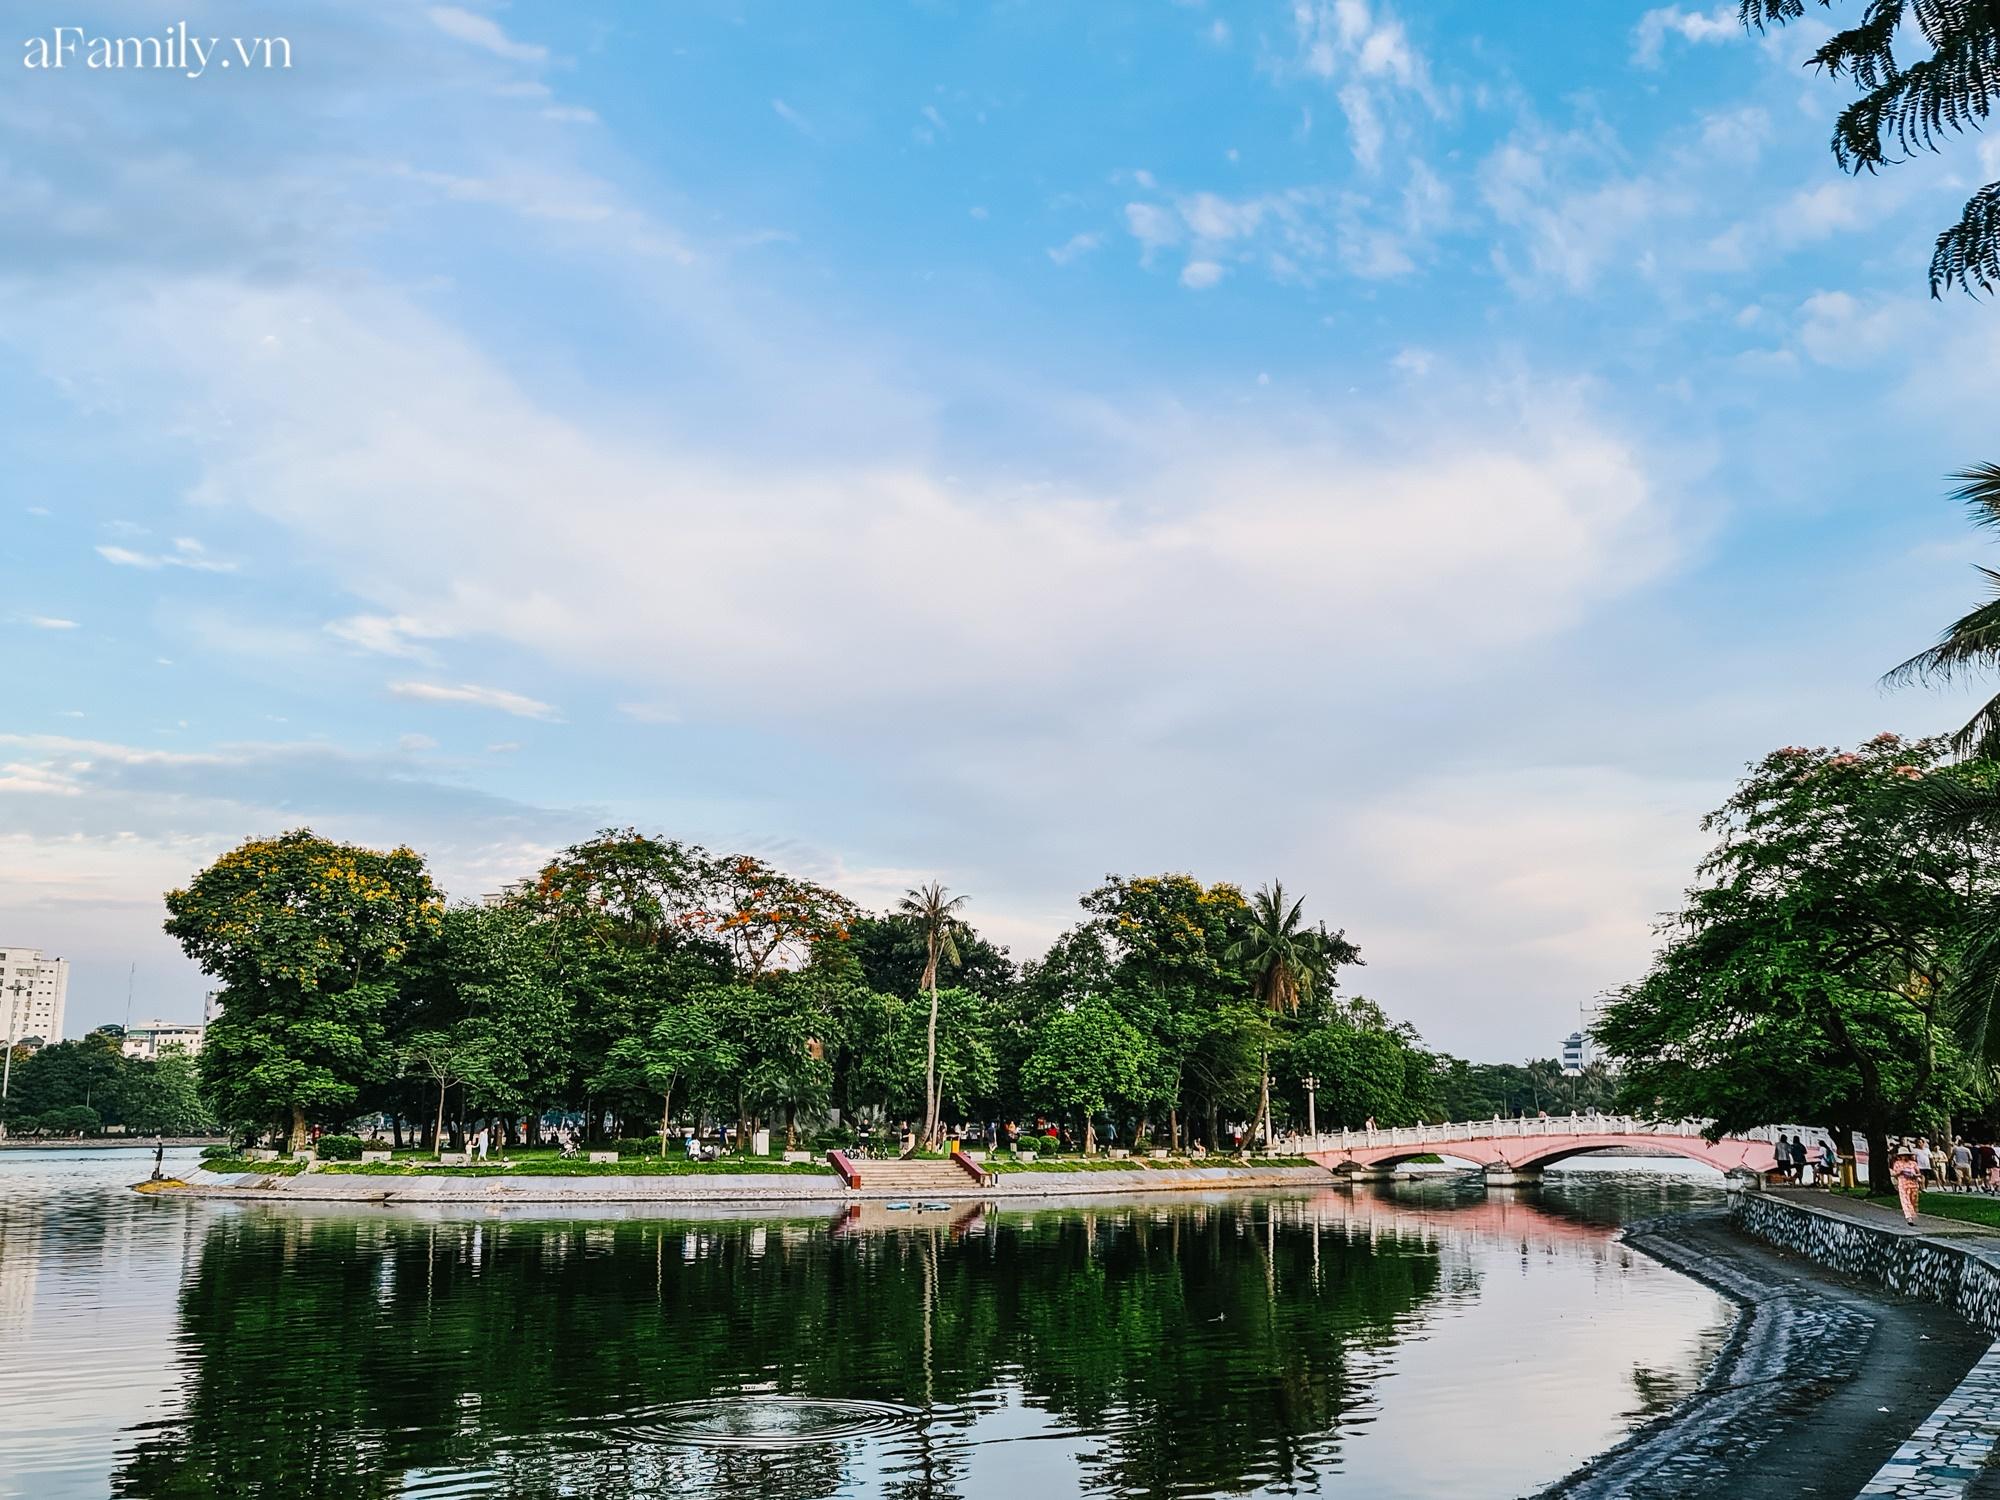 4000 đồng cho tour du lịch hè độc đáo ngay giữa thủ đô ở một công viên lâu đời vừa có đảo, vừa có rừng cây xanh, hồ cá trong lành - Ảnh 10.